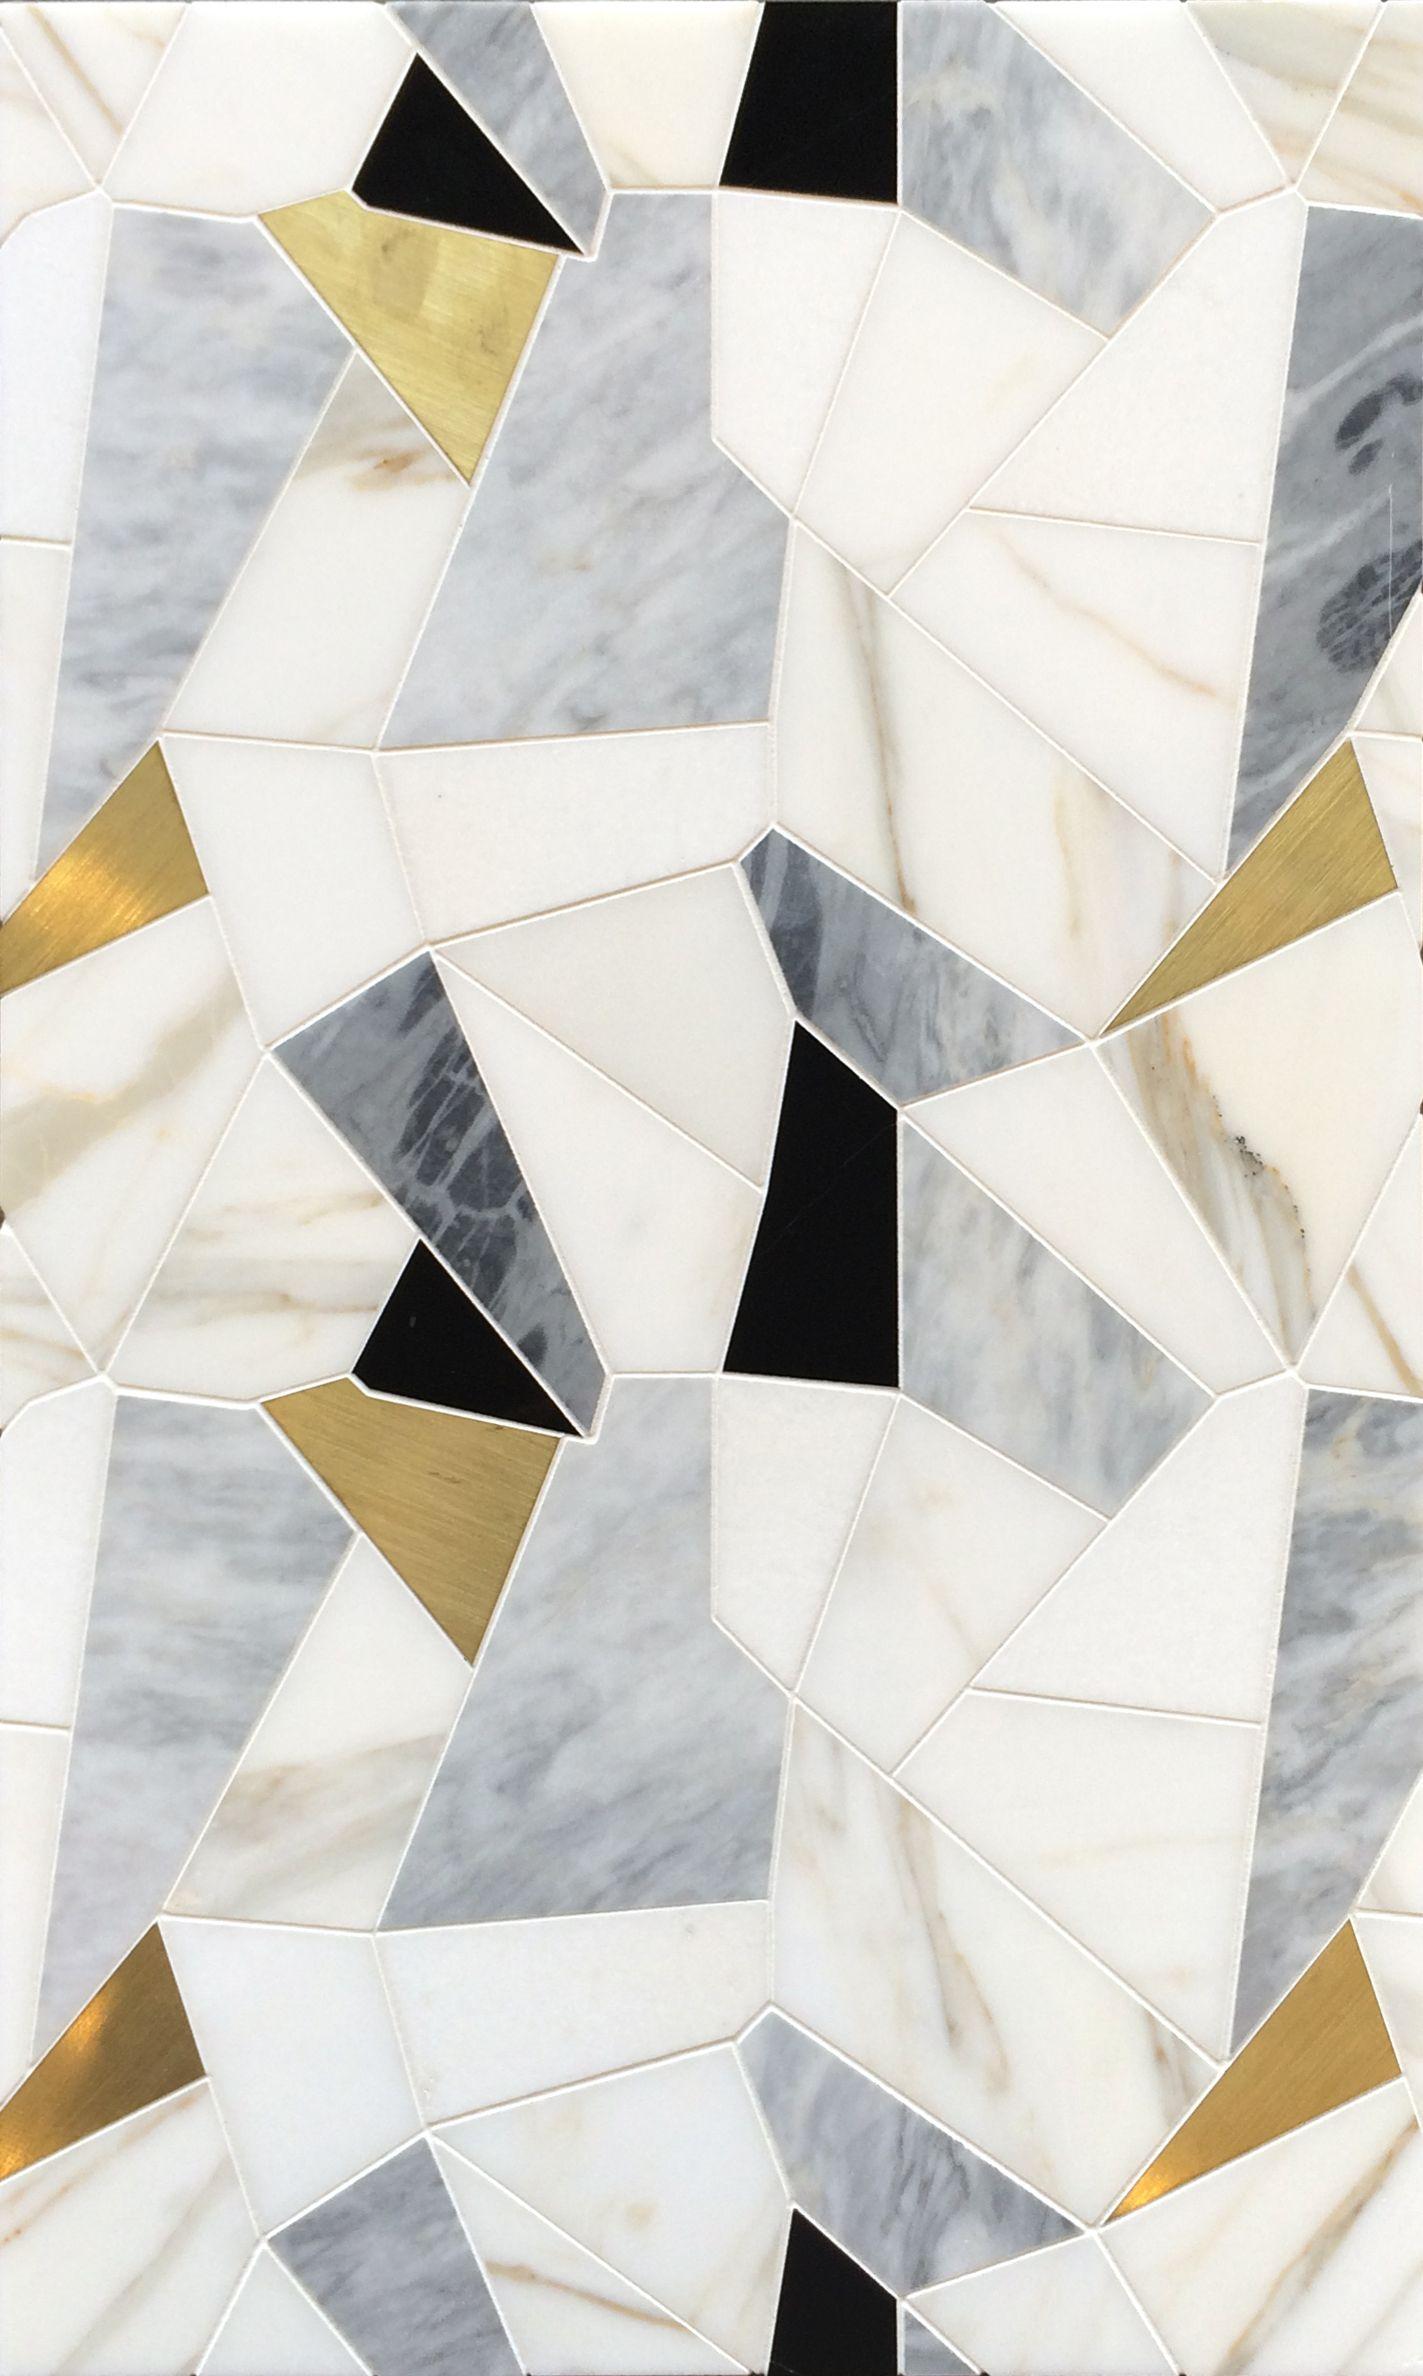 pingl par halime zt rk sur art en 2019 carrelage. Black Bedroom Furniture Sets. Home Design Ideas